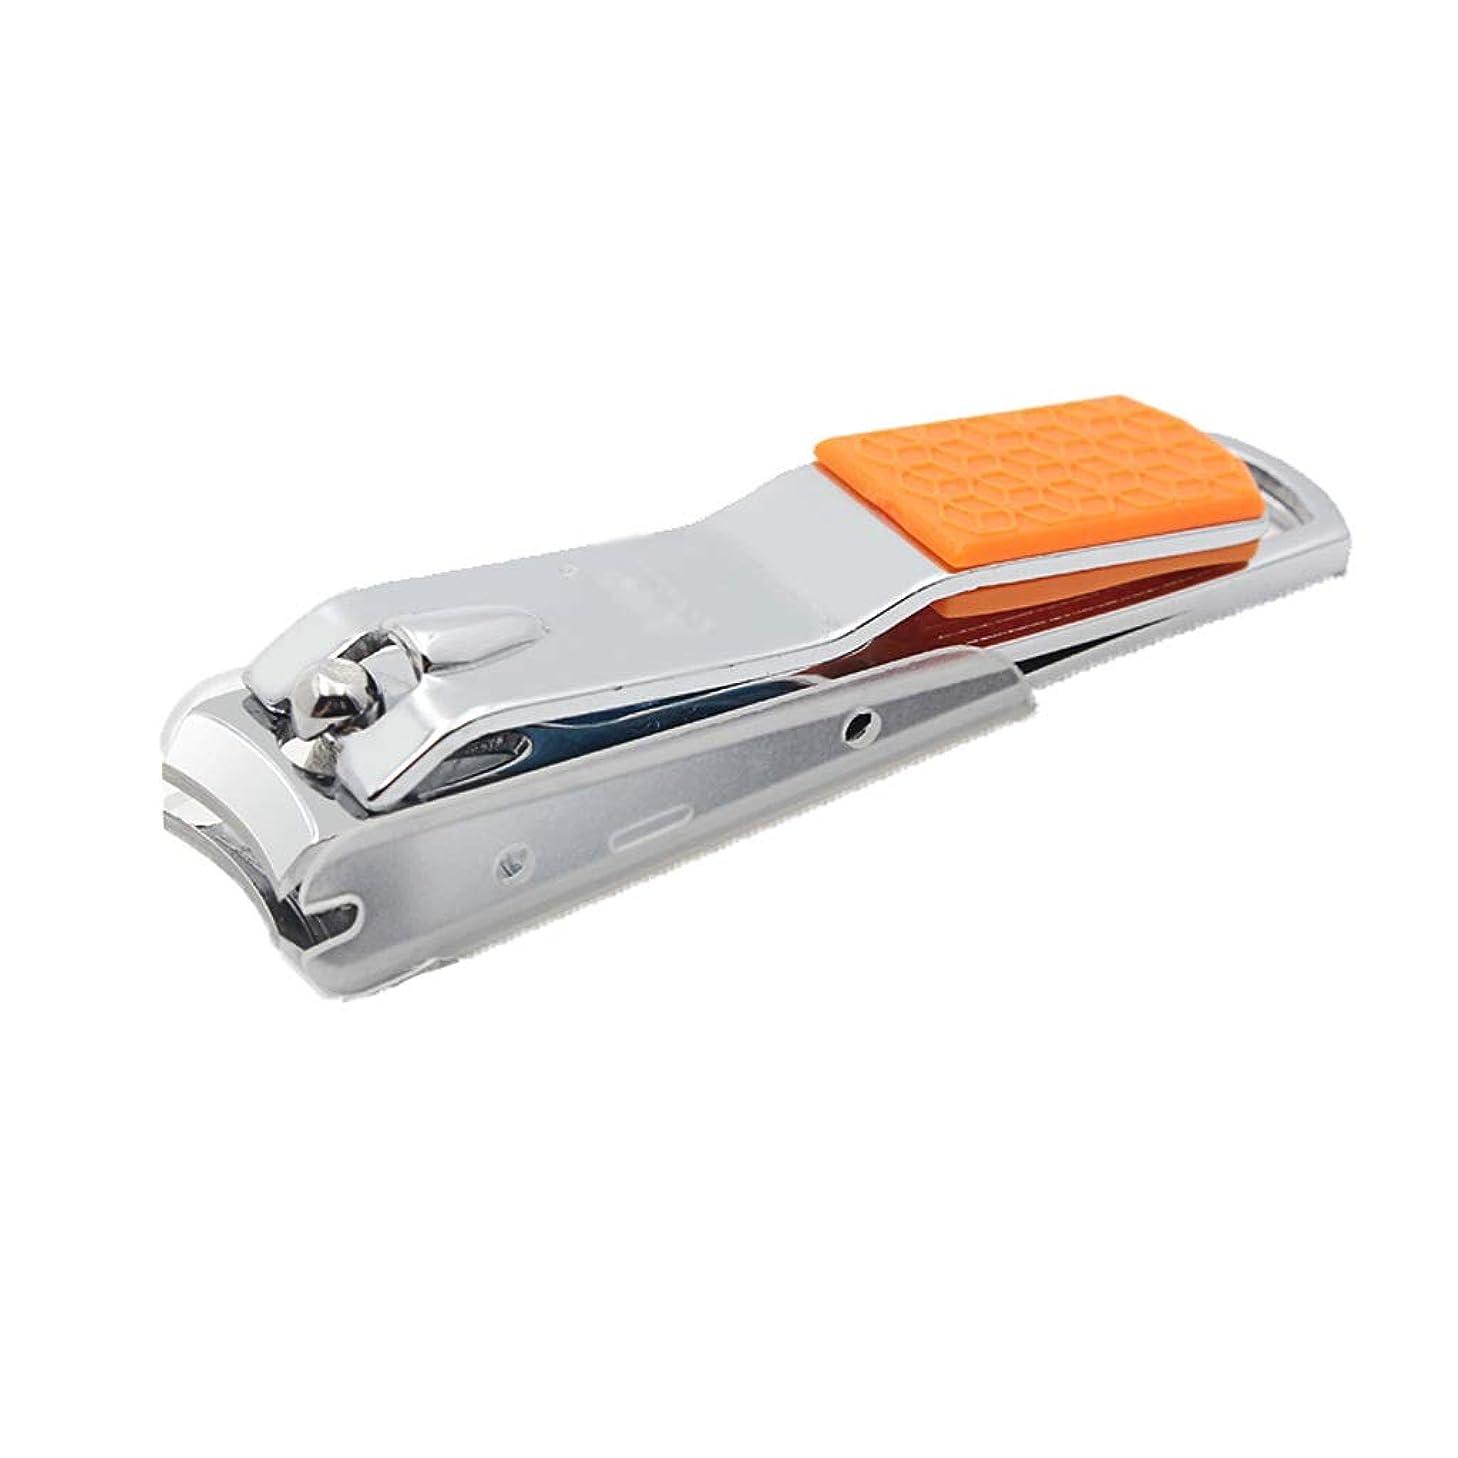 ネイルファイルとネイルクリッパープロフェッショナルネイルクリッパーステンレス鋼キューティクルネイルクリッパー品質ネイルクリッパー (Color : A)